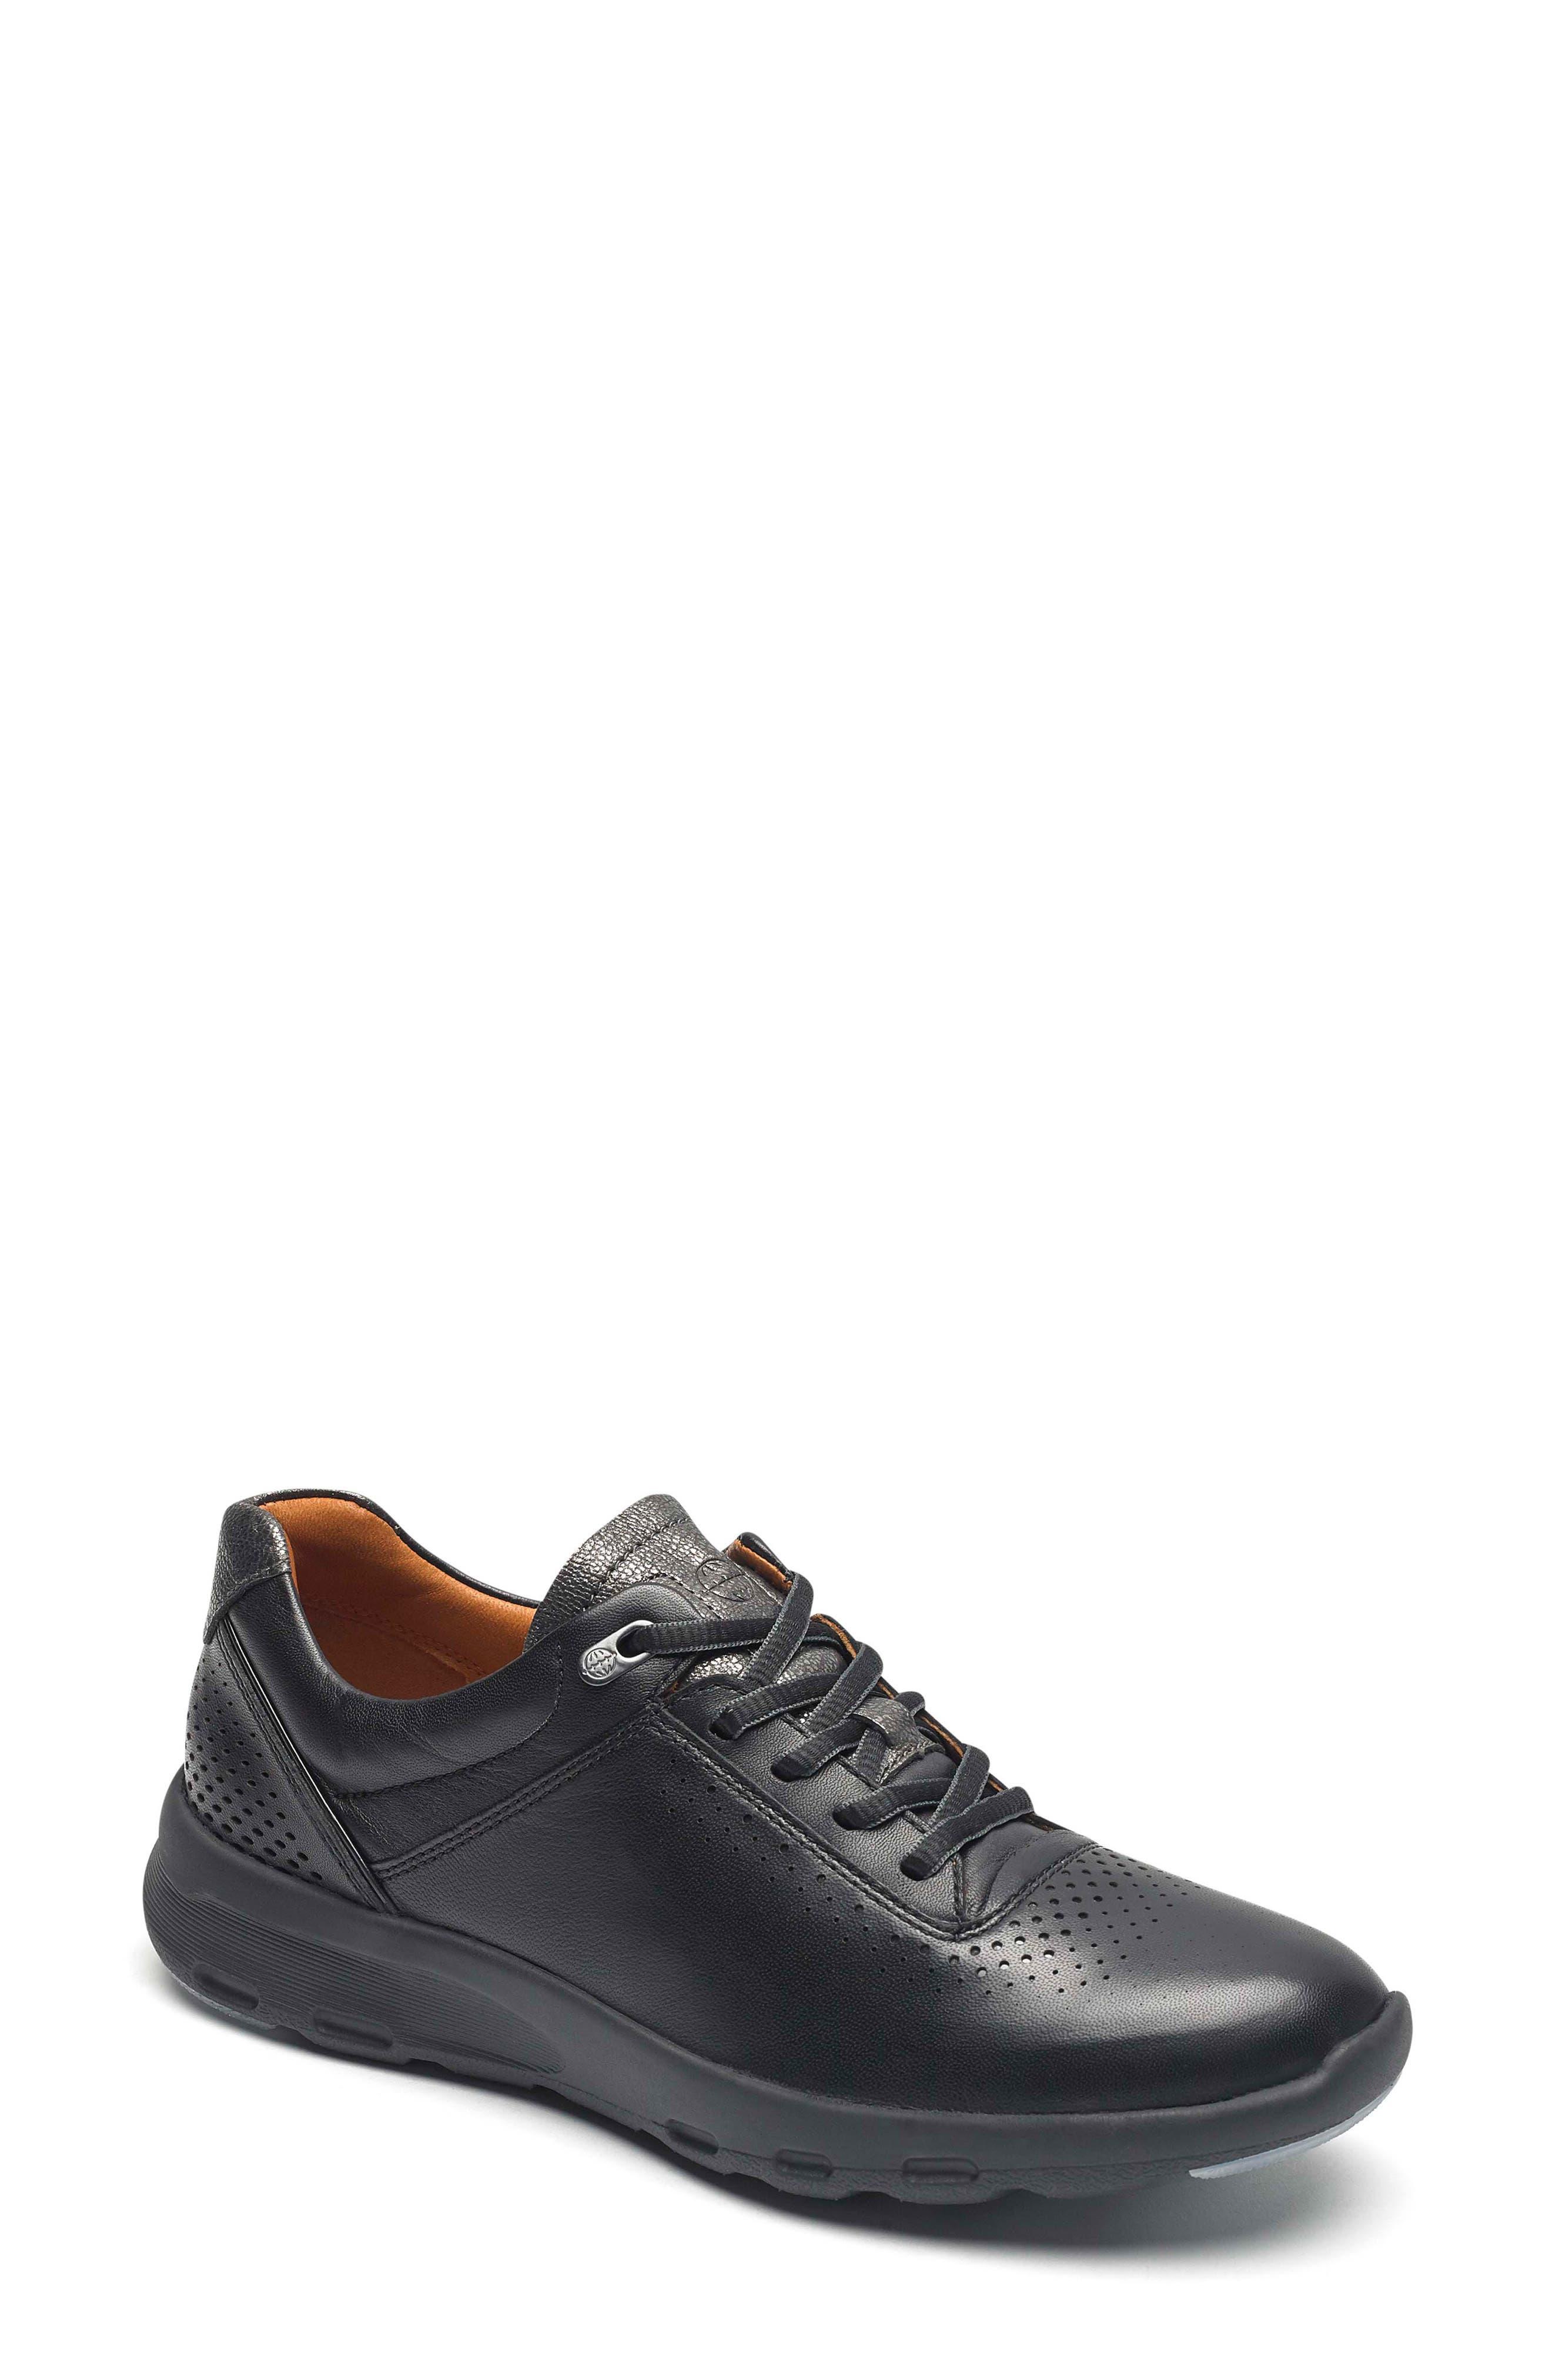 ROCKPORT Let's Walk<sup>®</sup> Ubal Sneaker, Main, color, BLACK/ BLACK LEATHER